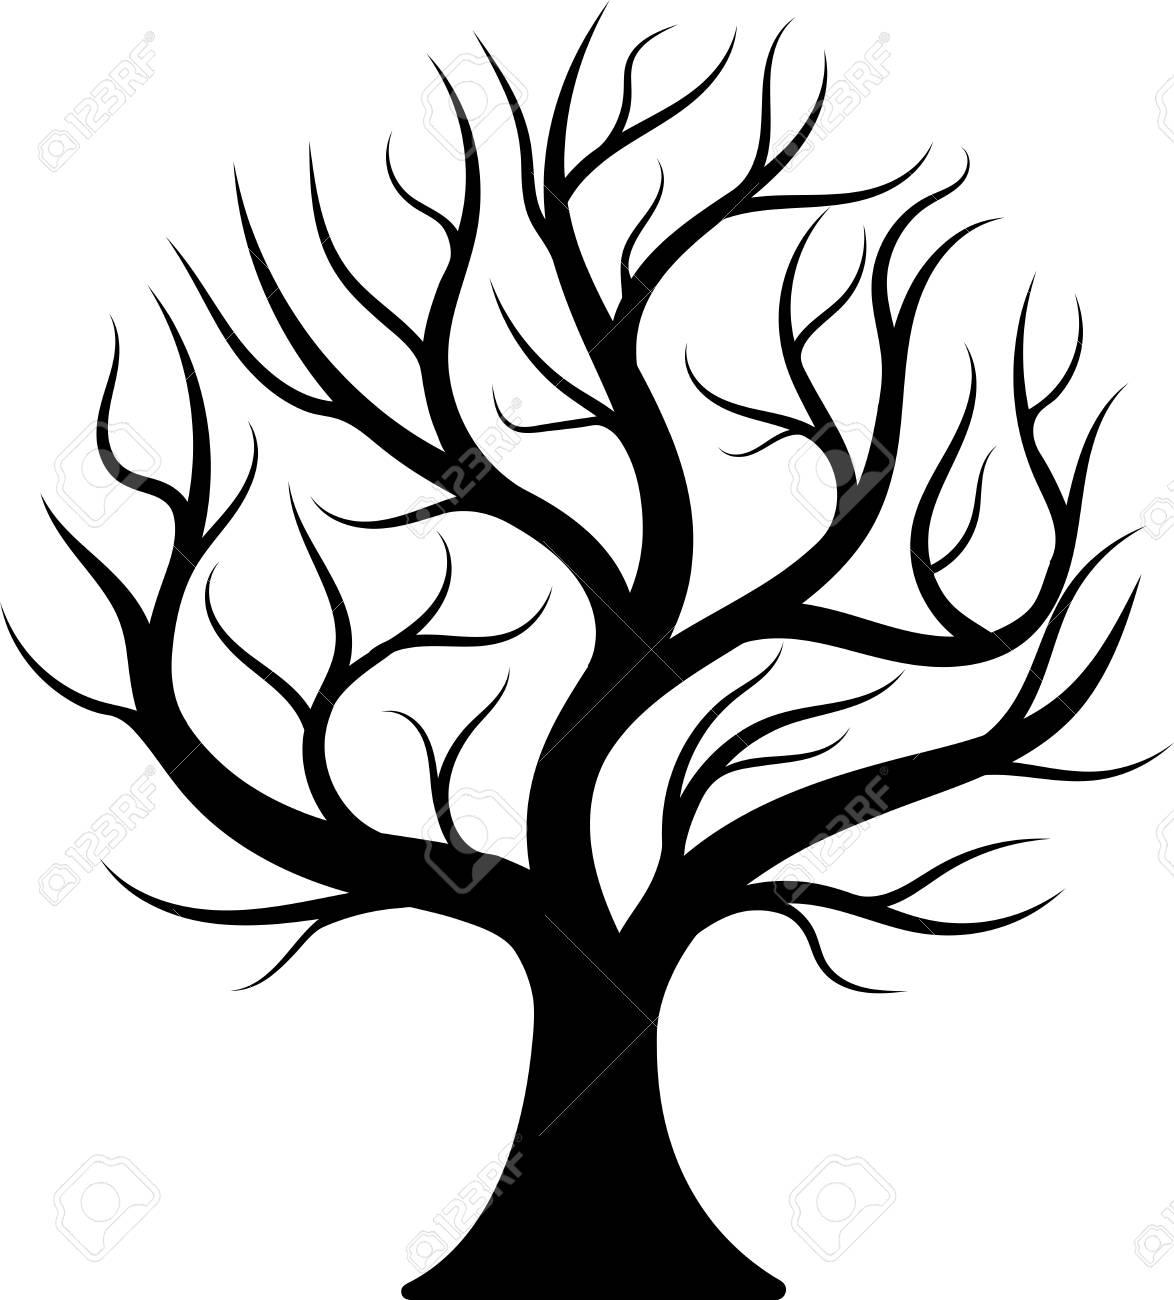 Black silhouette tree. - 104568372